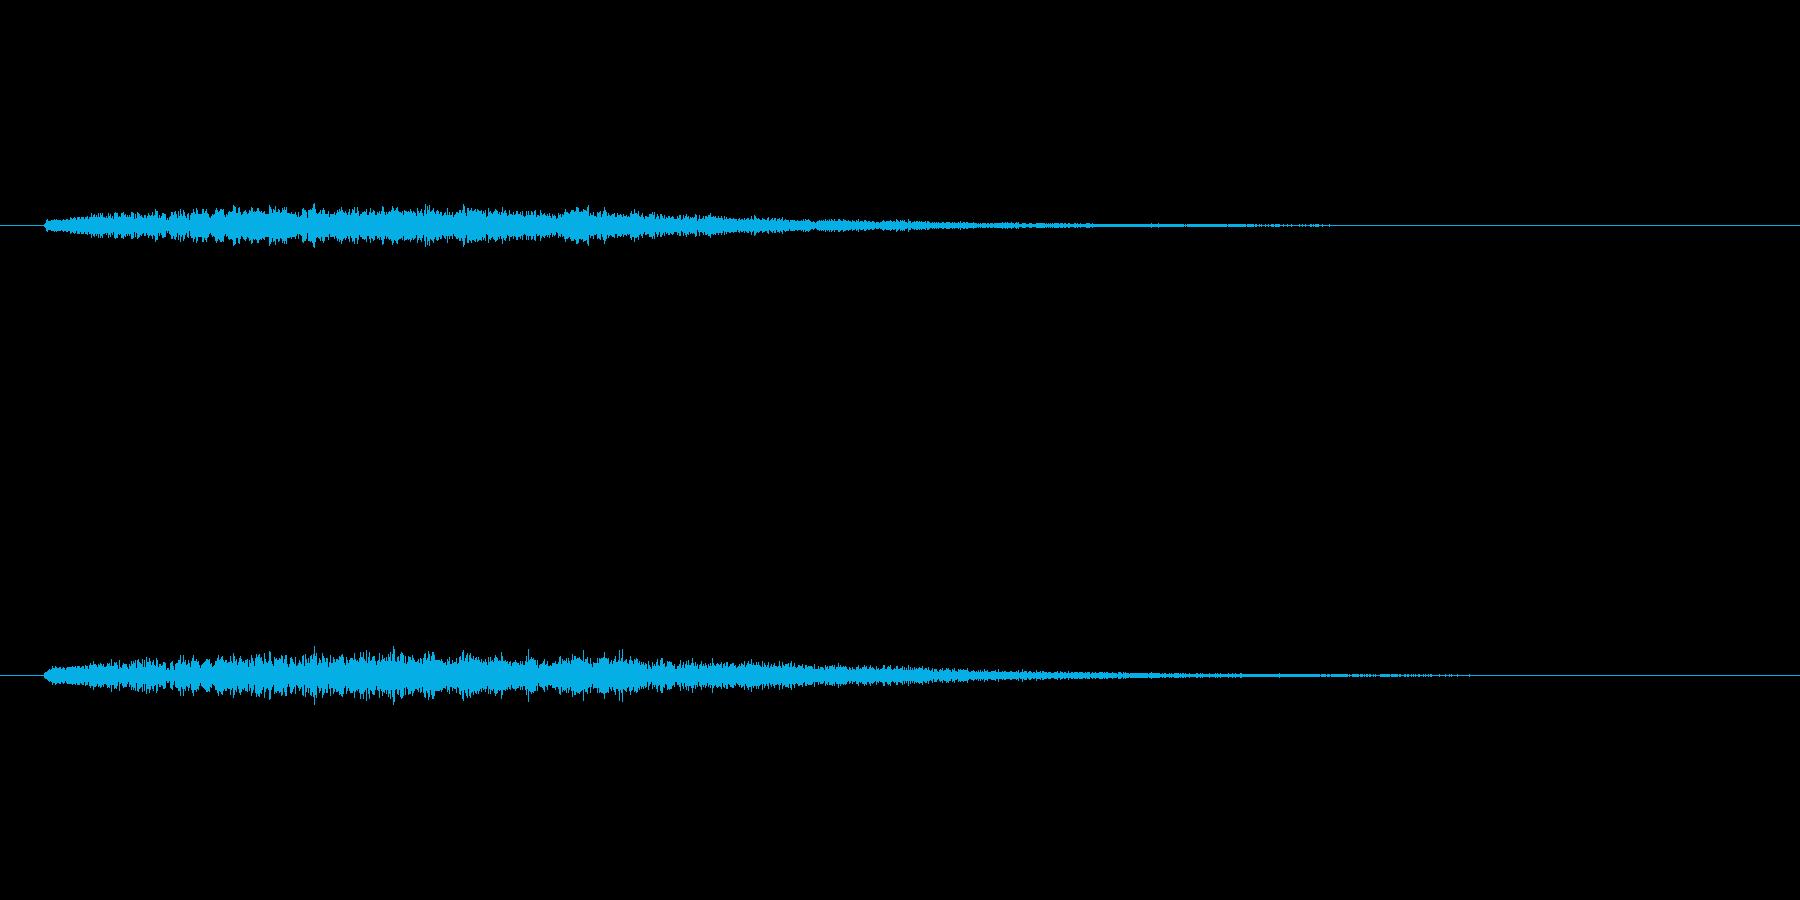 上昇するシンセベルによるサウンドロゴの再生済みの波形